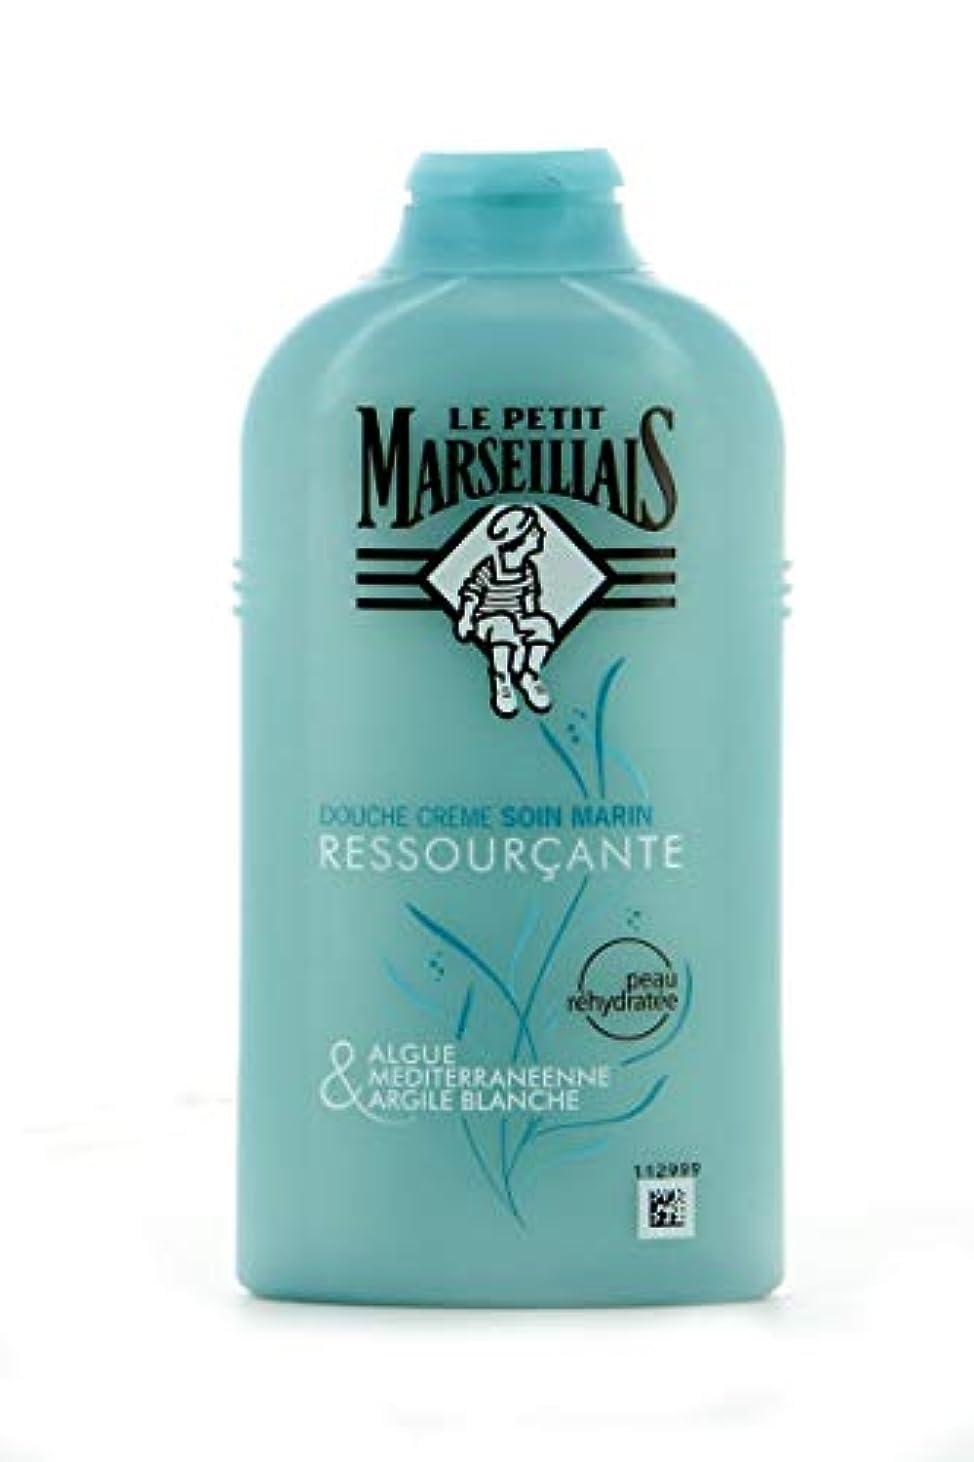 習字ボランティアすべきル?プティ?マルセイユ(Le Petit Marseillais)海藻と地中海ホワイトクレイ シャワー ケアクリーム ボディウォッシュ 250ml